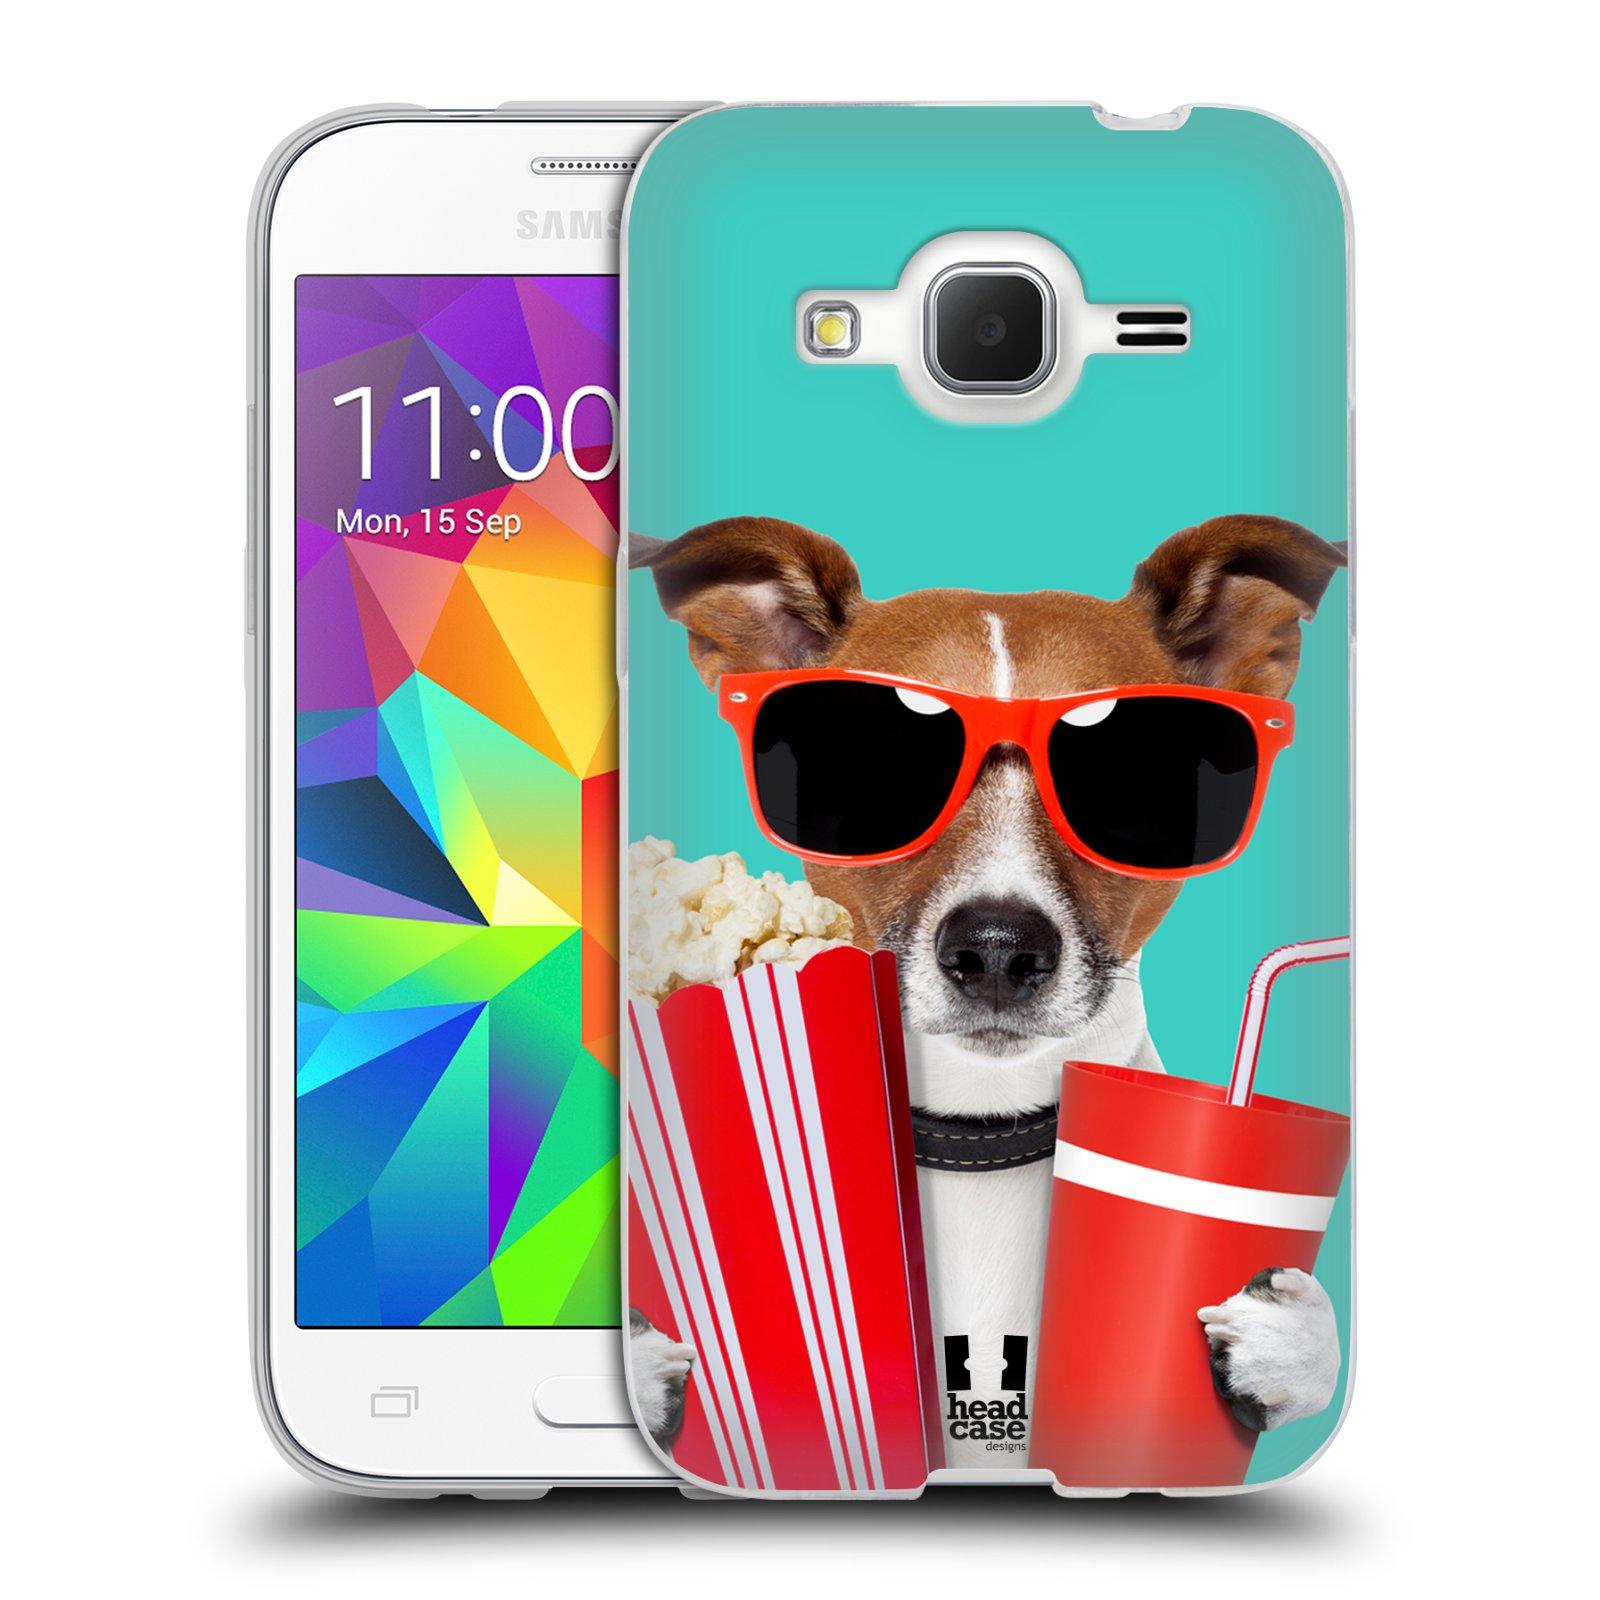 HEAD CASE silikonový obal na mobil Samsung Galaxy Core Prime (G360) vzor Legrační zvířátka pejsek v kině s popkornem